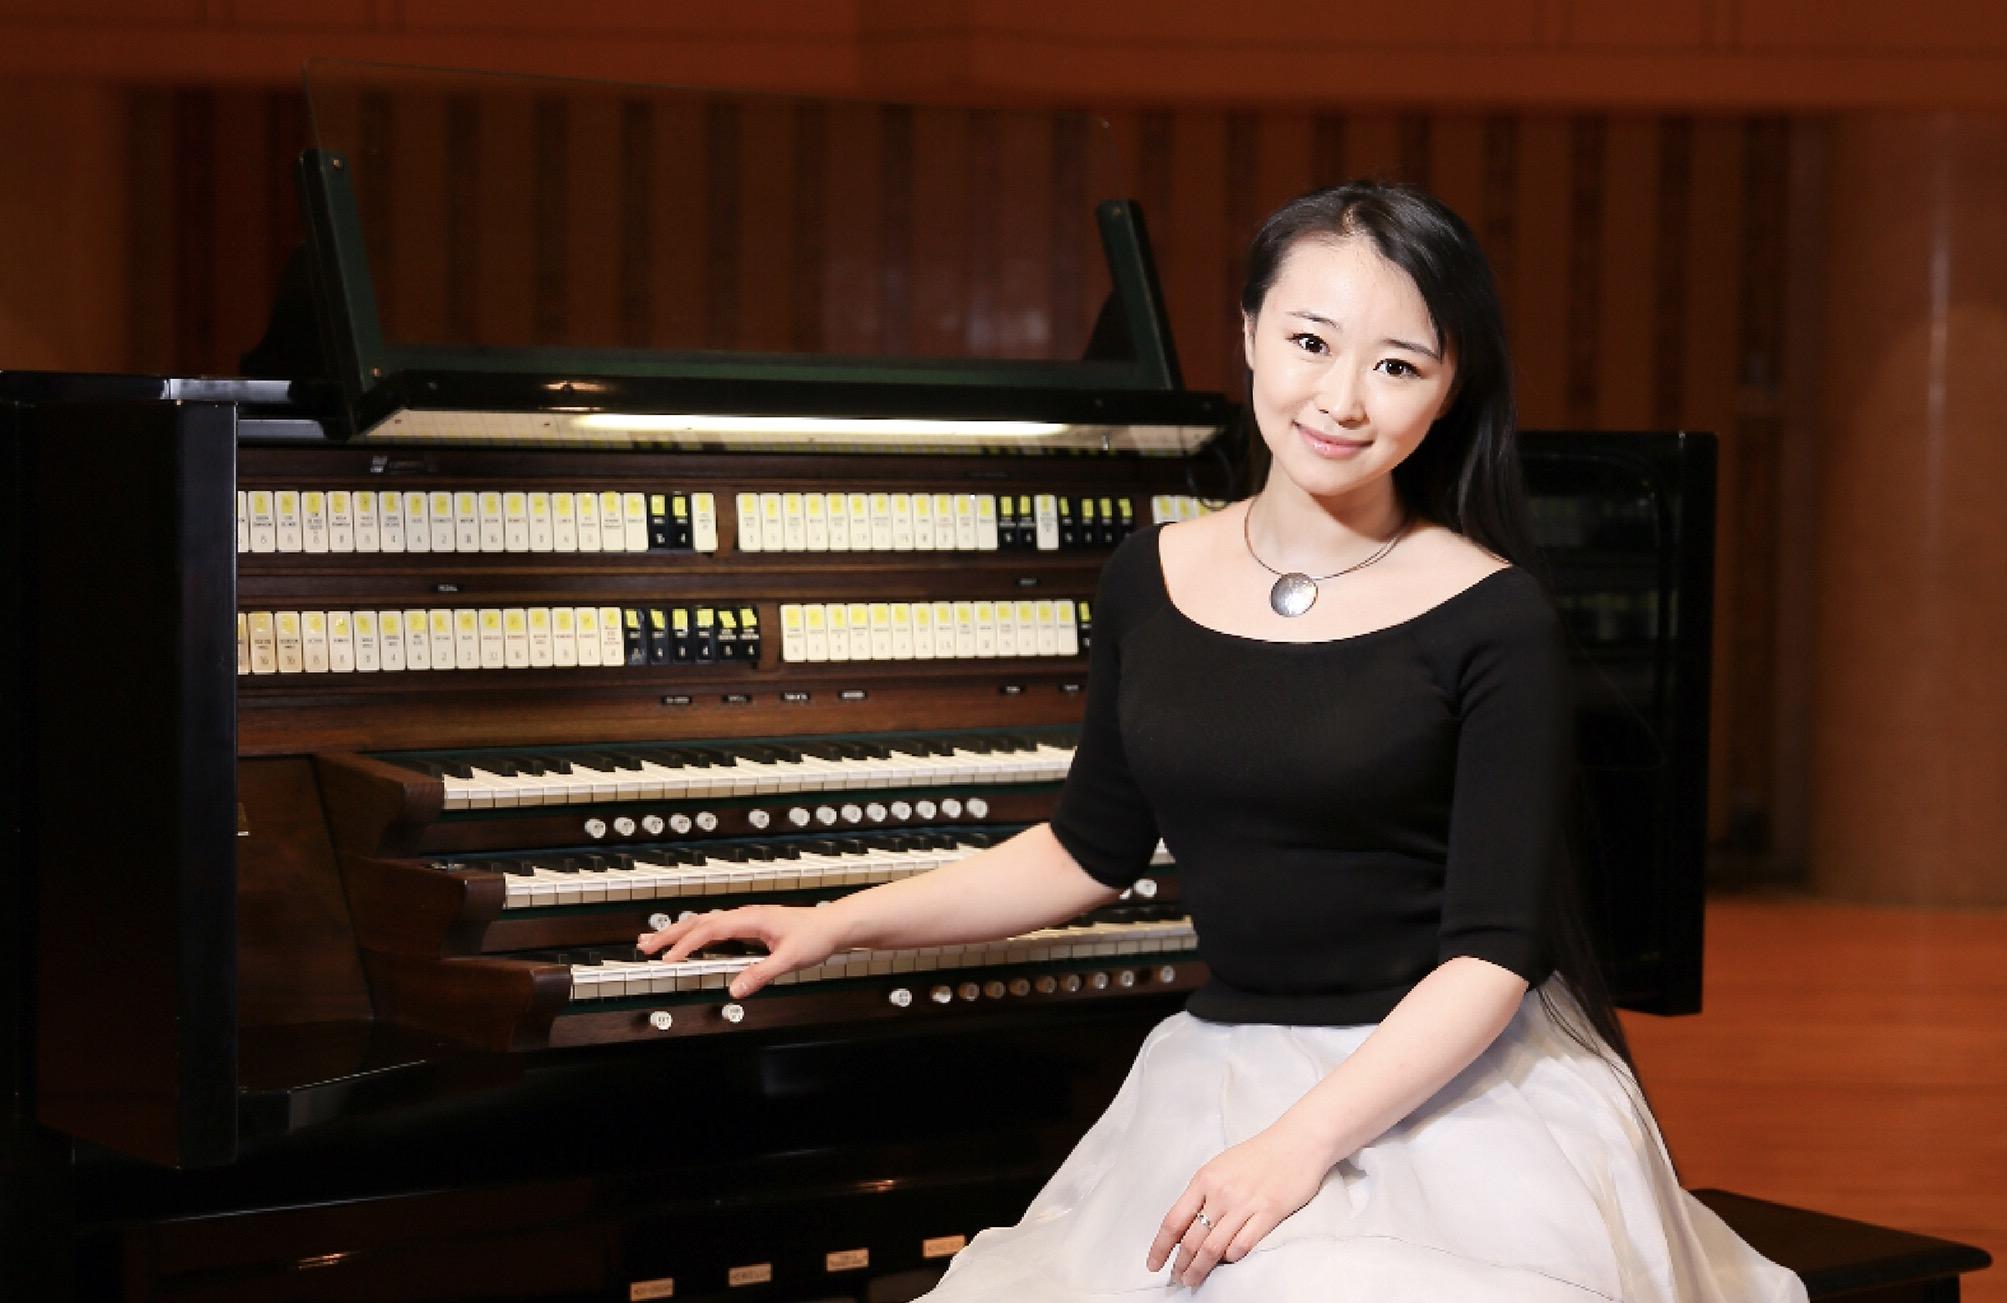 沈媛 Yuan Shen